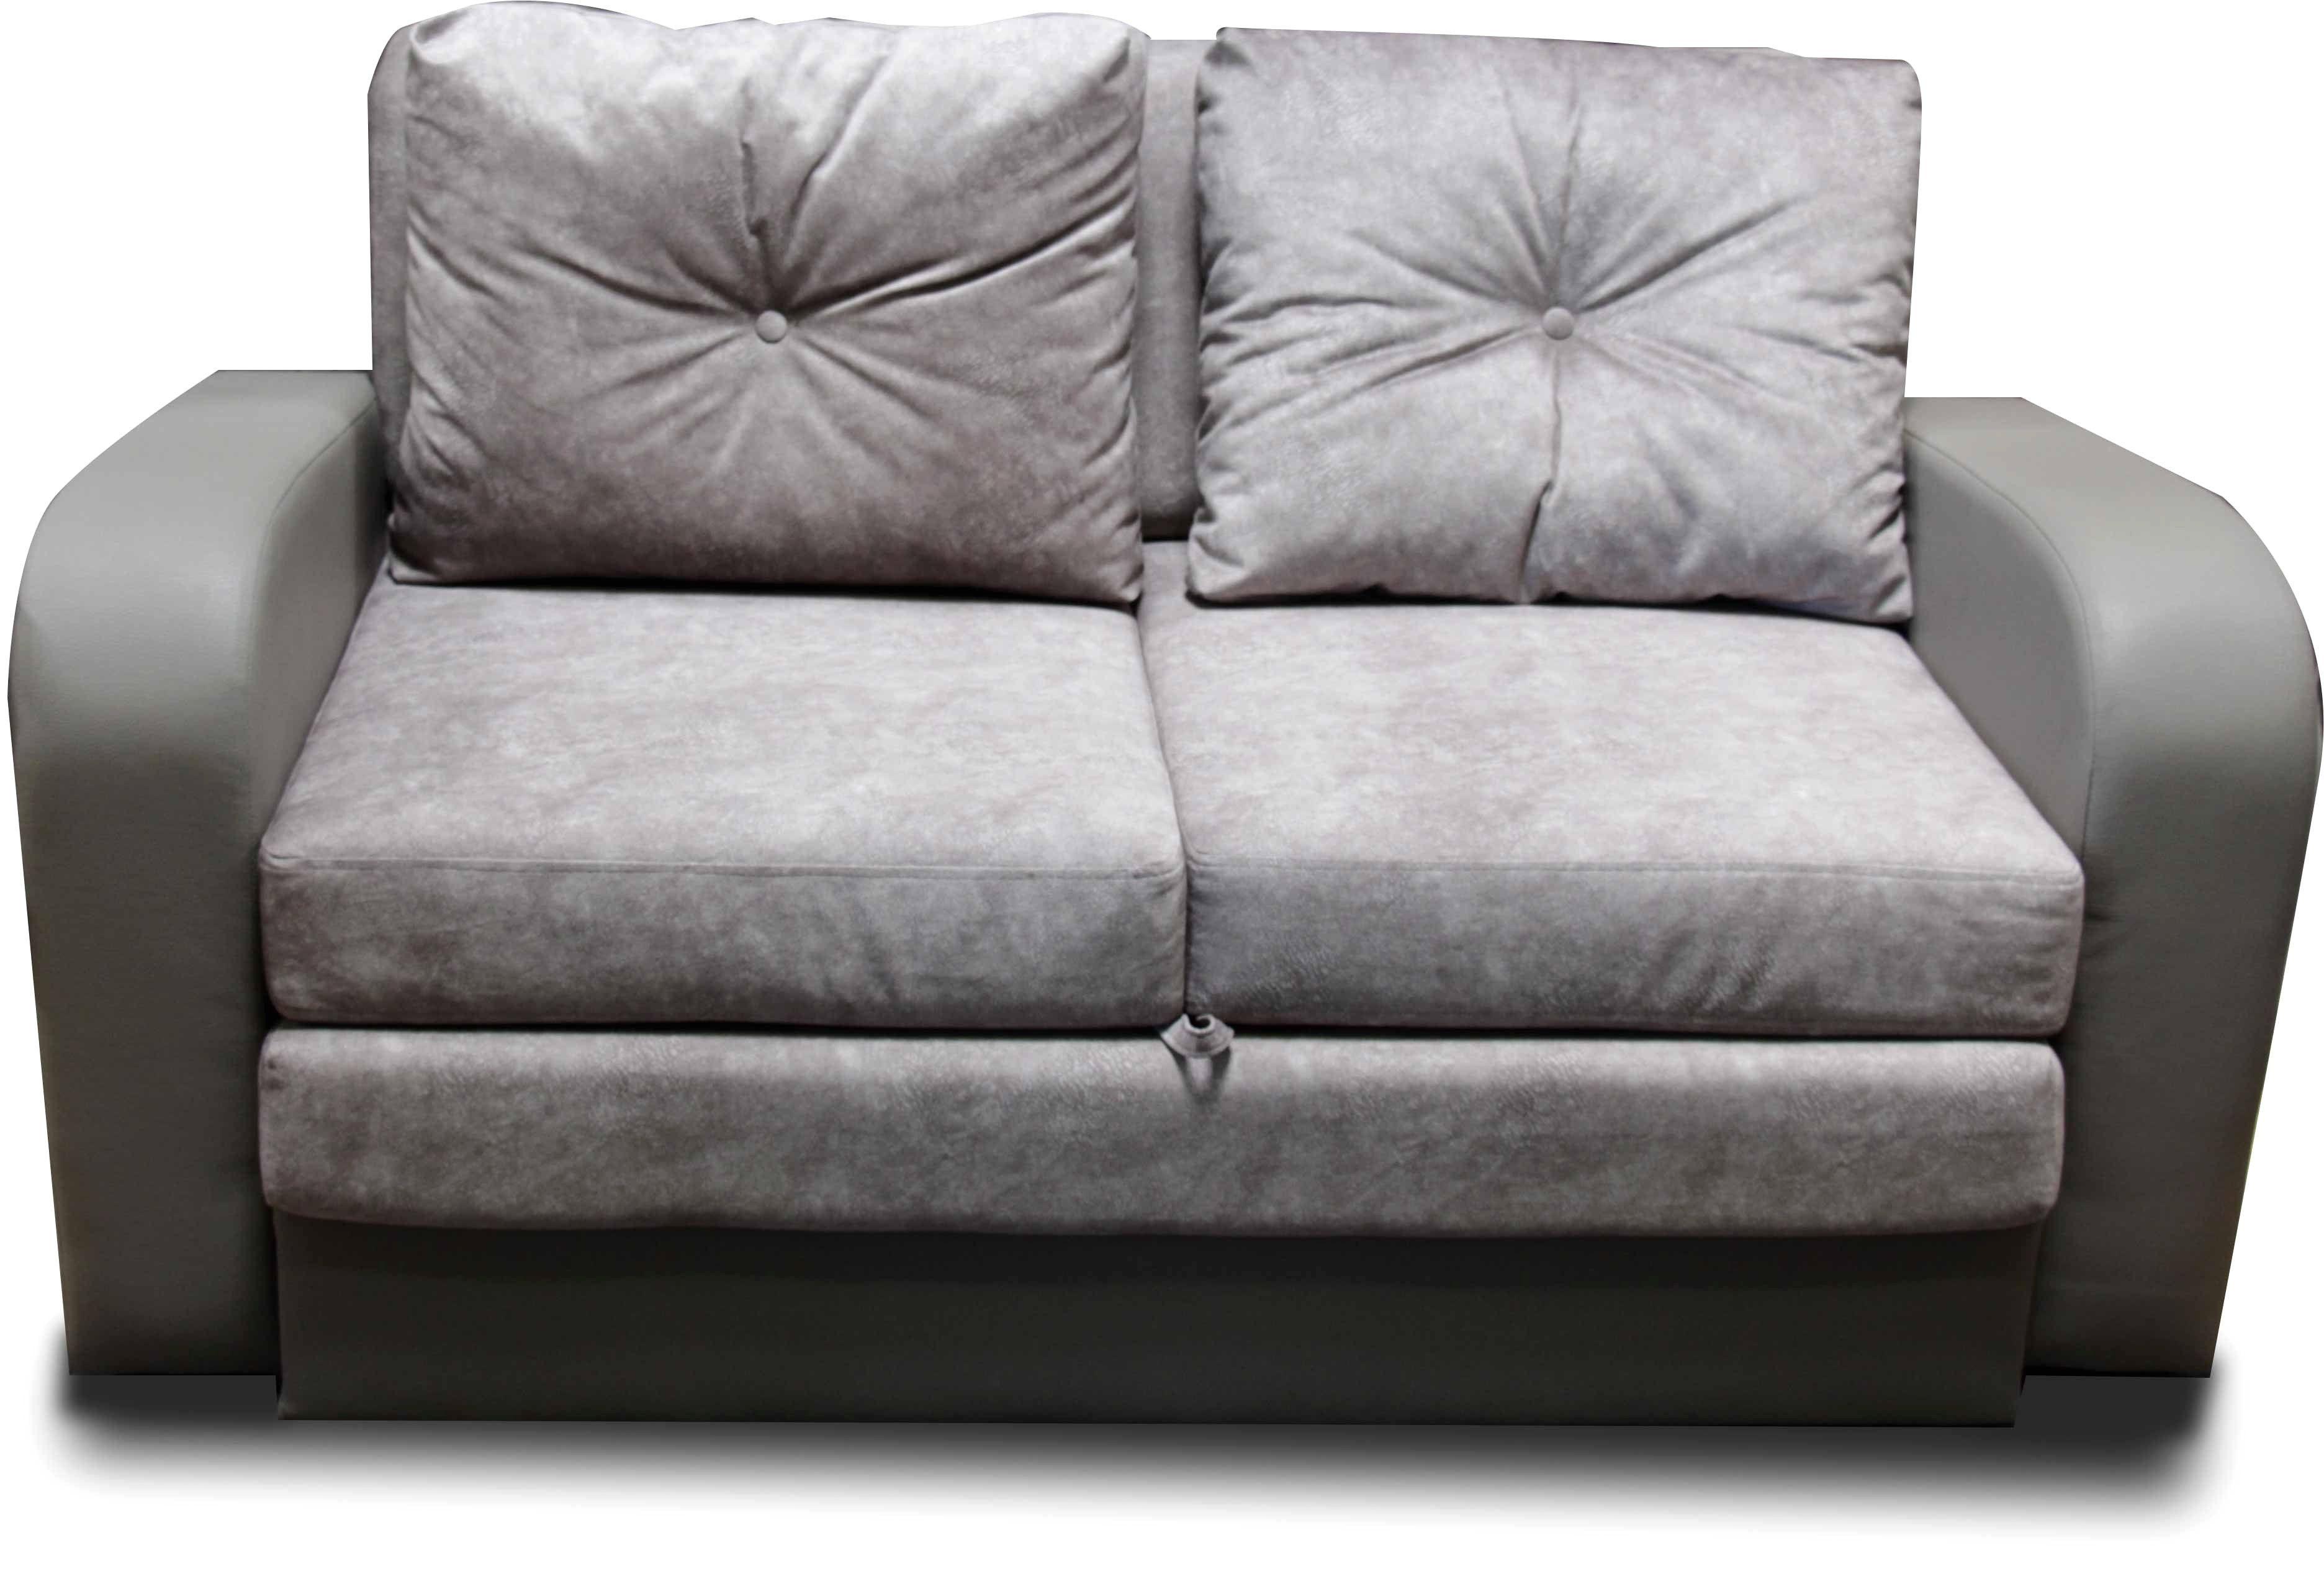 Lit Superposé Avec Matelas Meilleur De Entra Nant Lit Superposé Avec Canapé Sur Lit Biné Armoire Fresh Lit